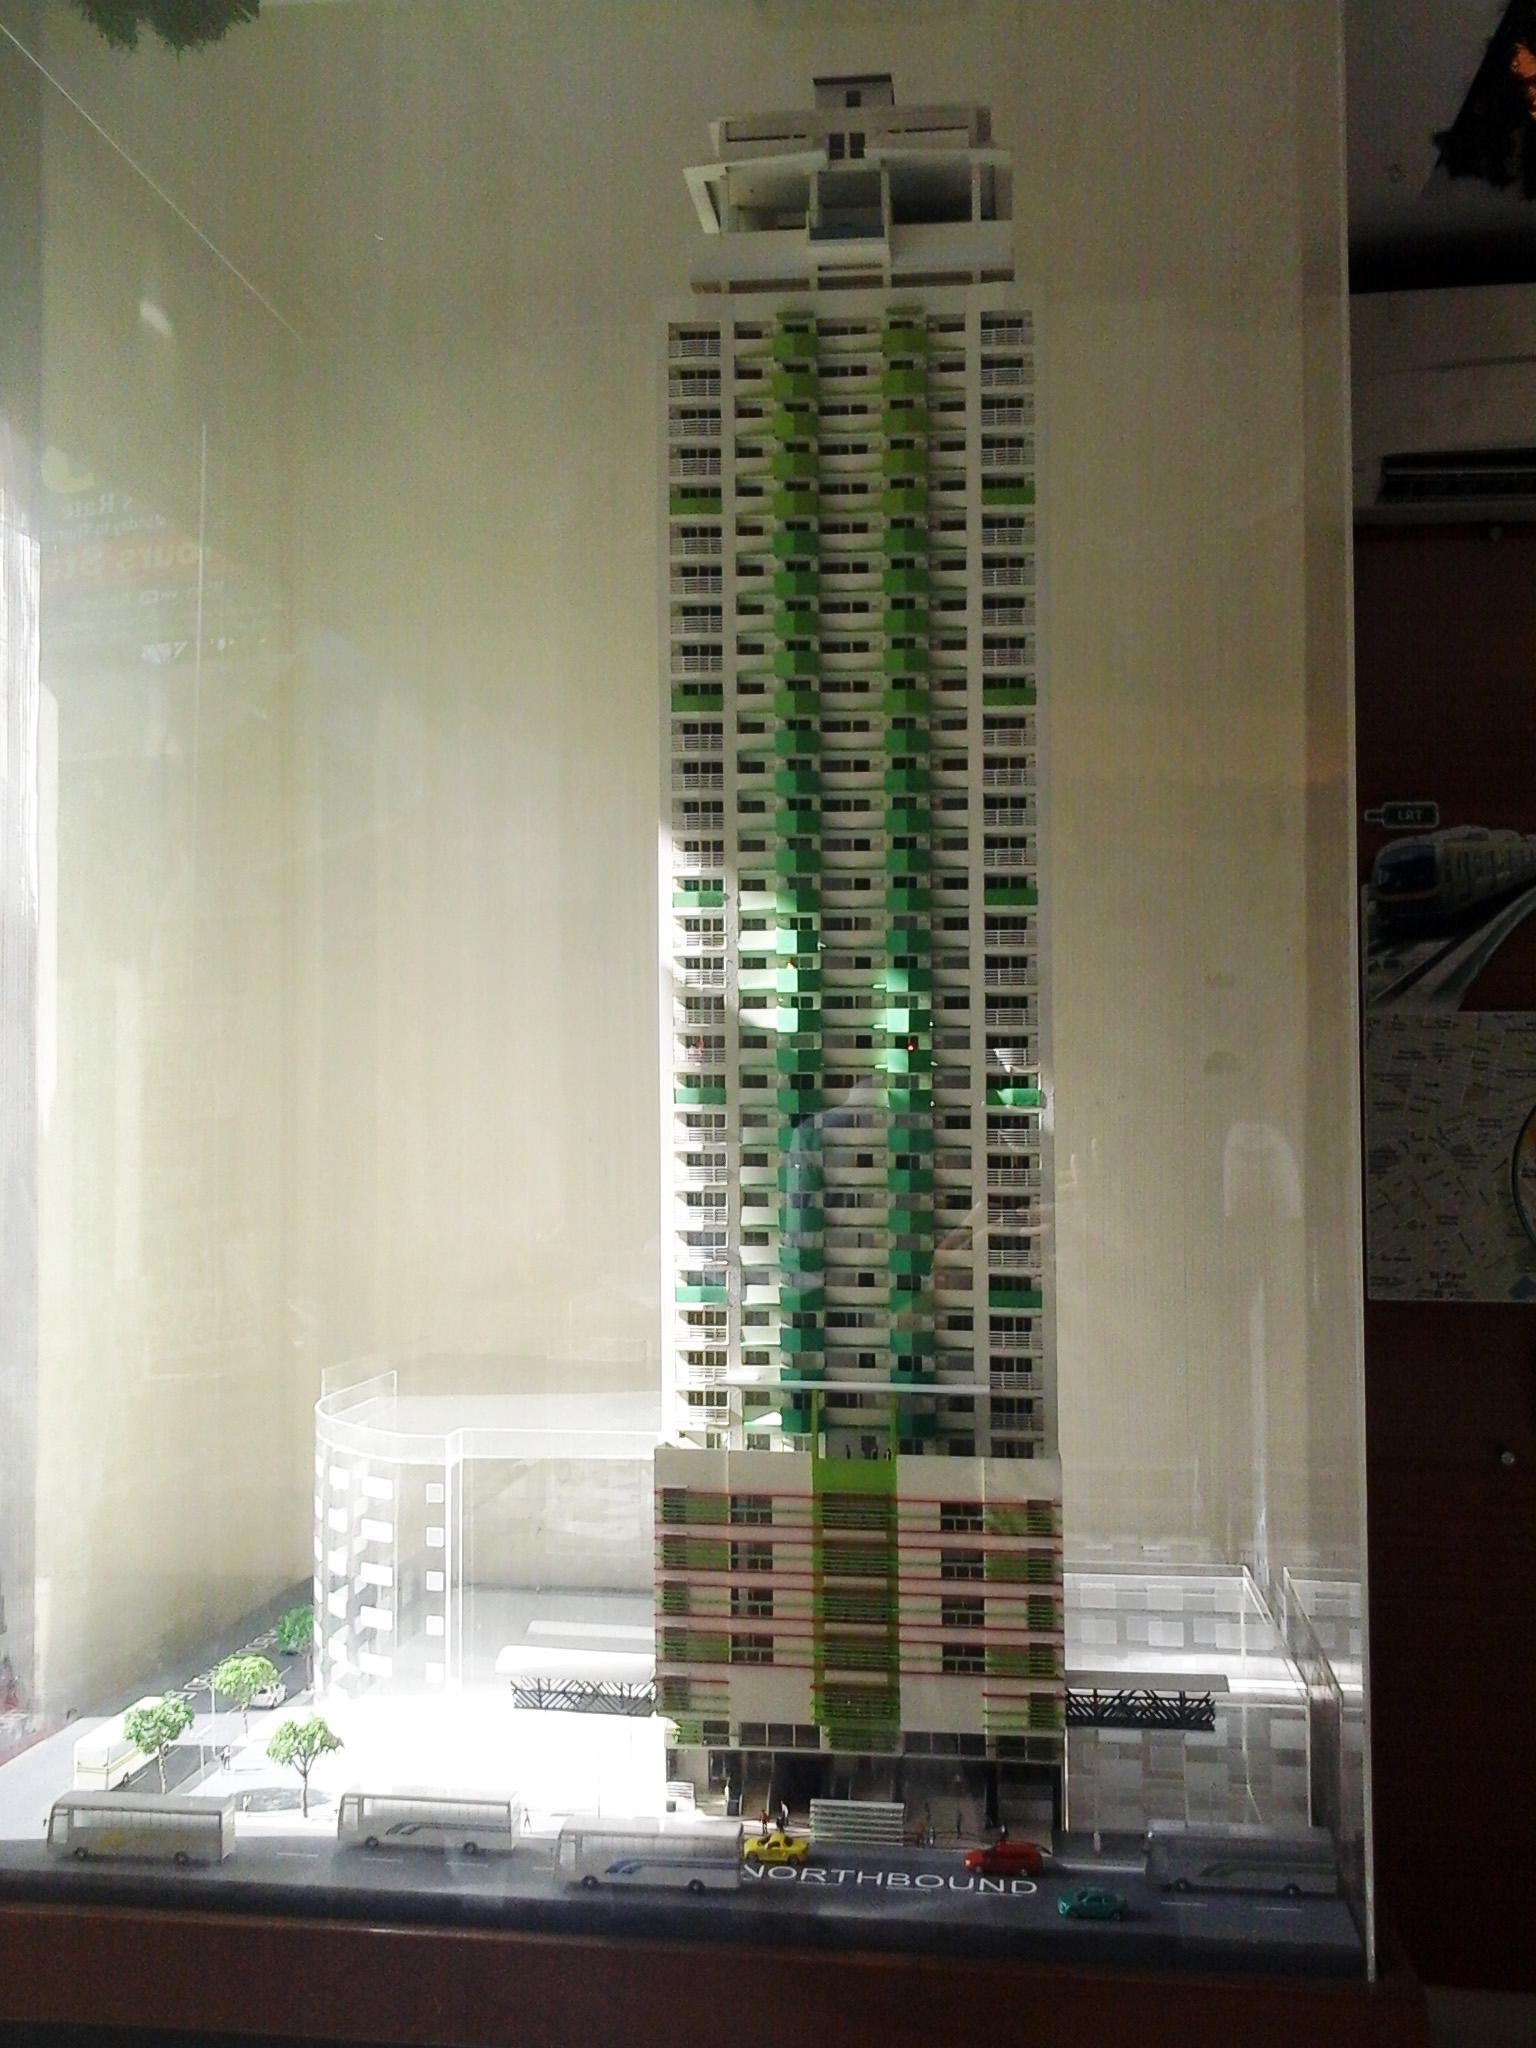 Studio Type Condominium Unit